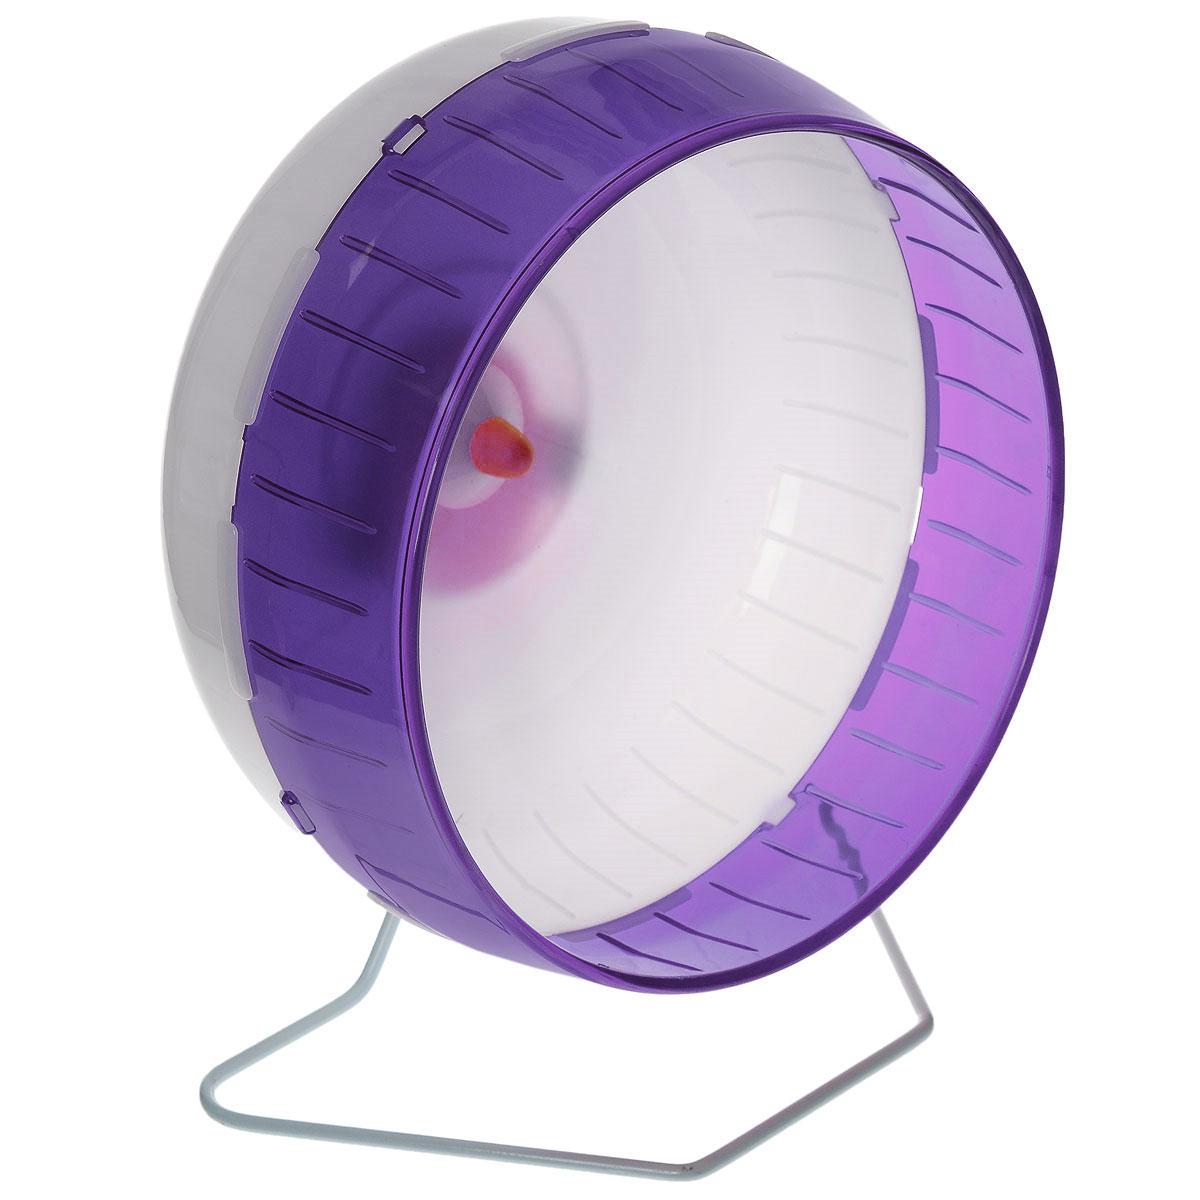 Колесо для грызунов I.P.T.S., цвет: белый, фиолетовый, 29 см285154_белый, фиолетовыйКолесо для грызунов I.P.T.S. - удобно и бесшумно, с высоким уровнем безопасности. Поместив его в клетку, вы обеспечите своему питомцу необходимую физическую активность. Сплошная внутренняя поверхность без щелей убережет питомца от возможных травм. Можно установить на подставку или прикрепить к решетке. Колесо можно использовать для сирийских хомяков, дегу, крыс или молодых шиншилл. Диаметр колеса: 29 см.